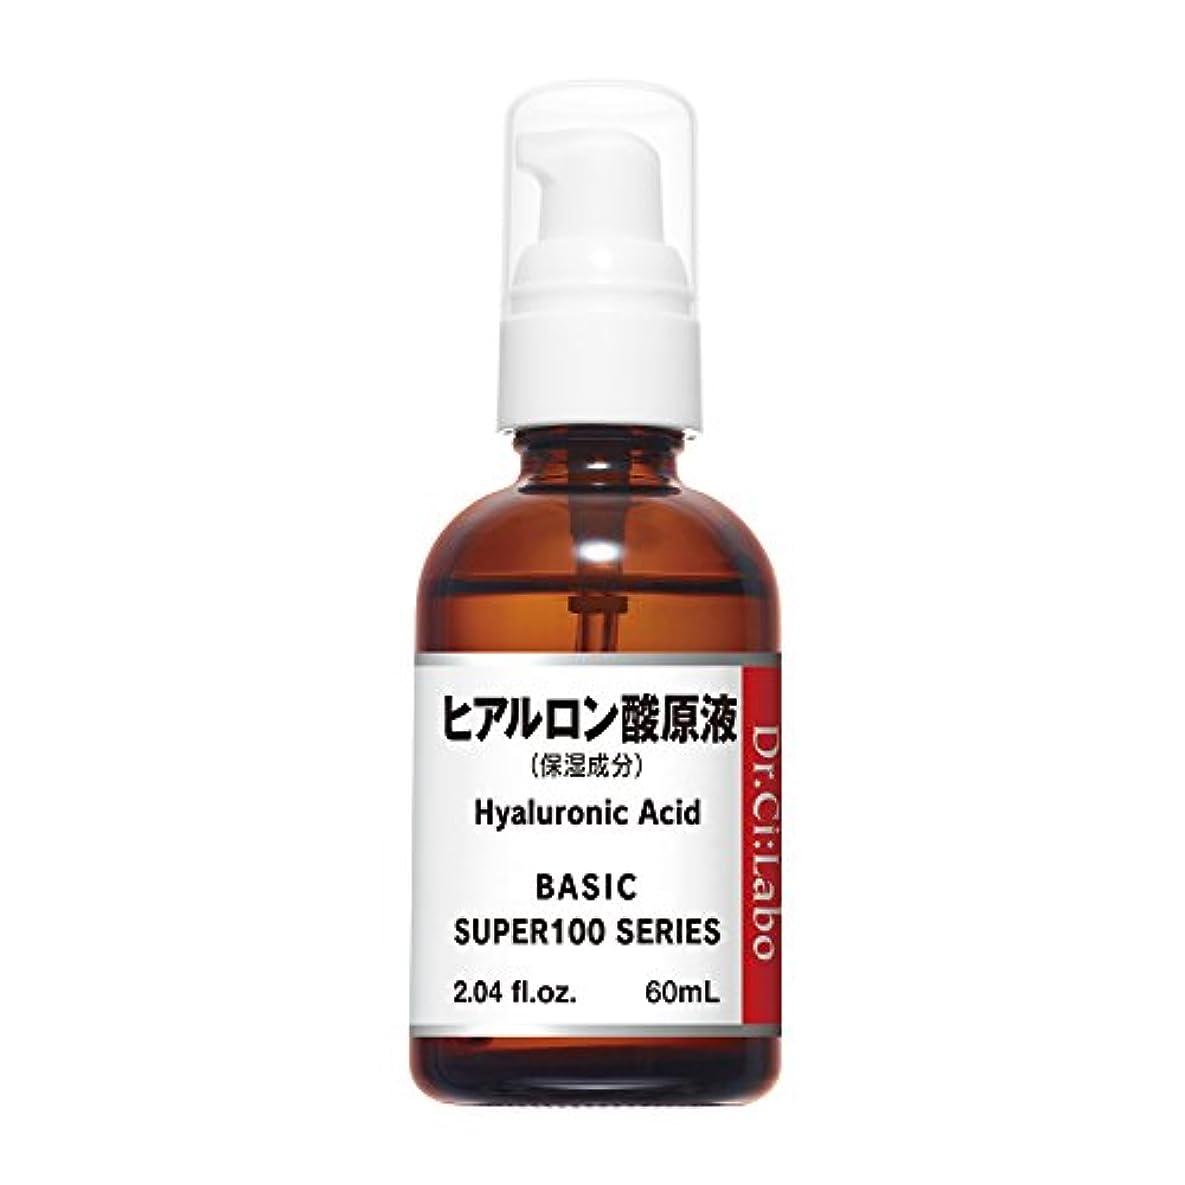 靄乱れ味わうドクターシーラボ スーパー100シリーズ ヒアルロン酸原液 60mL(BIG) 原液化粧品